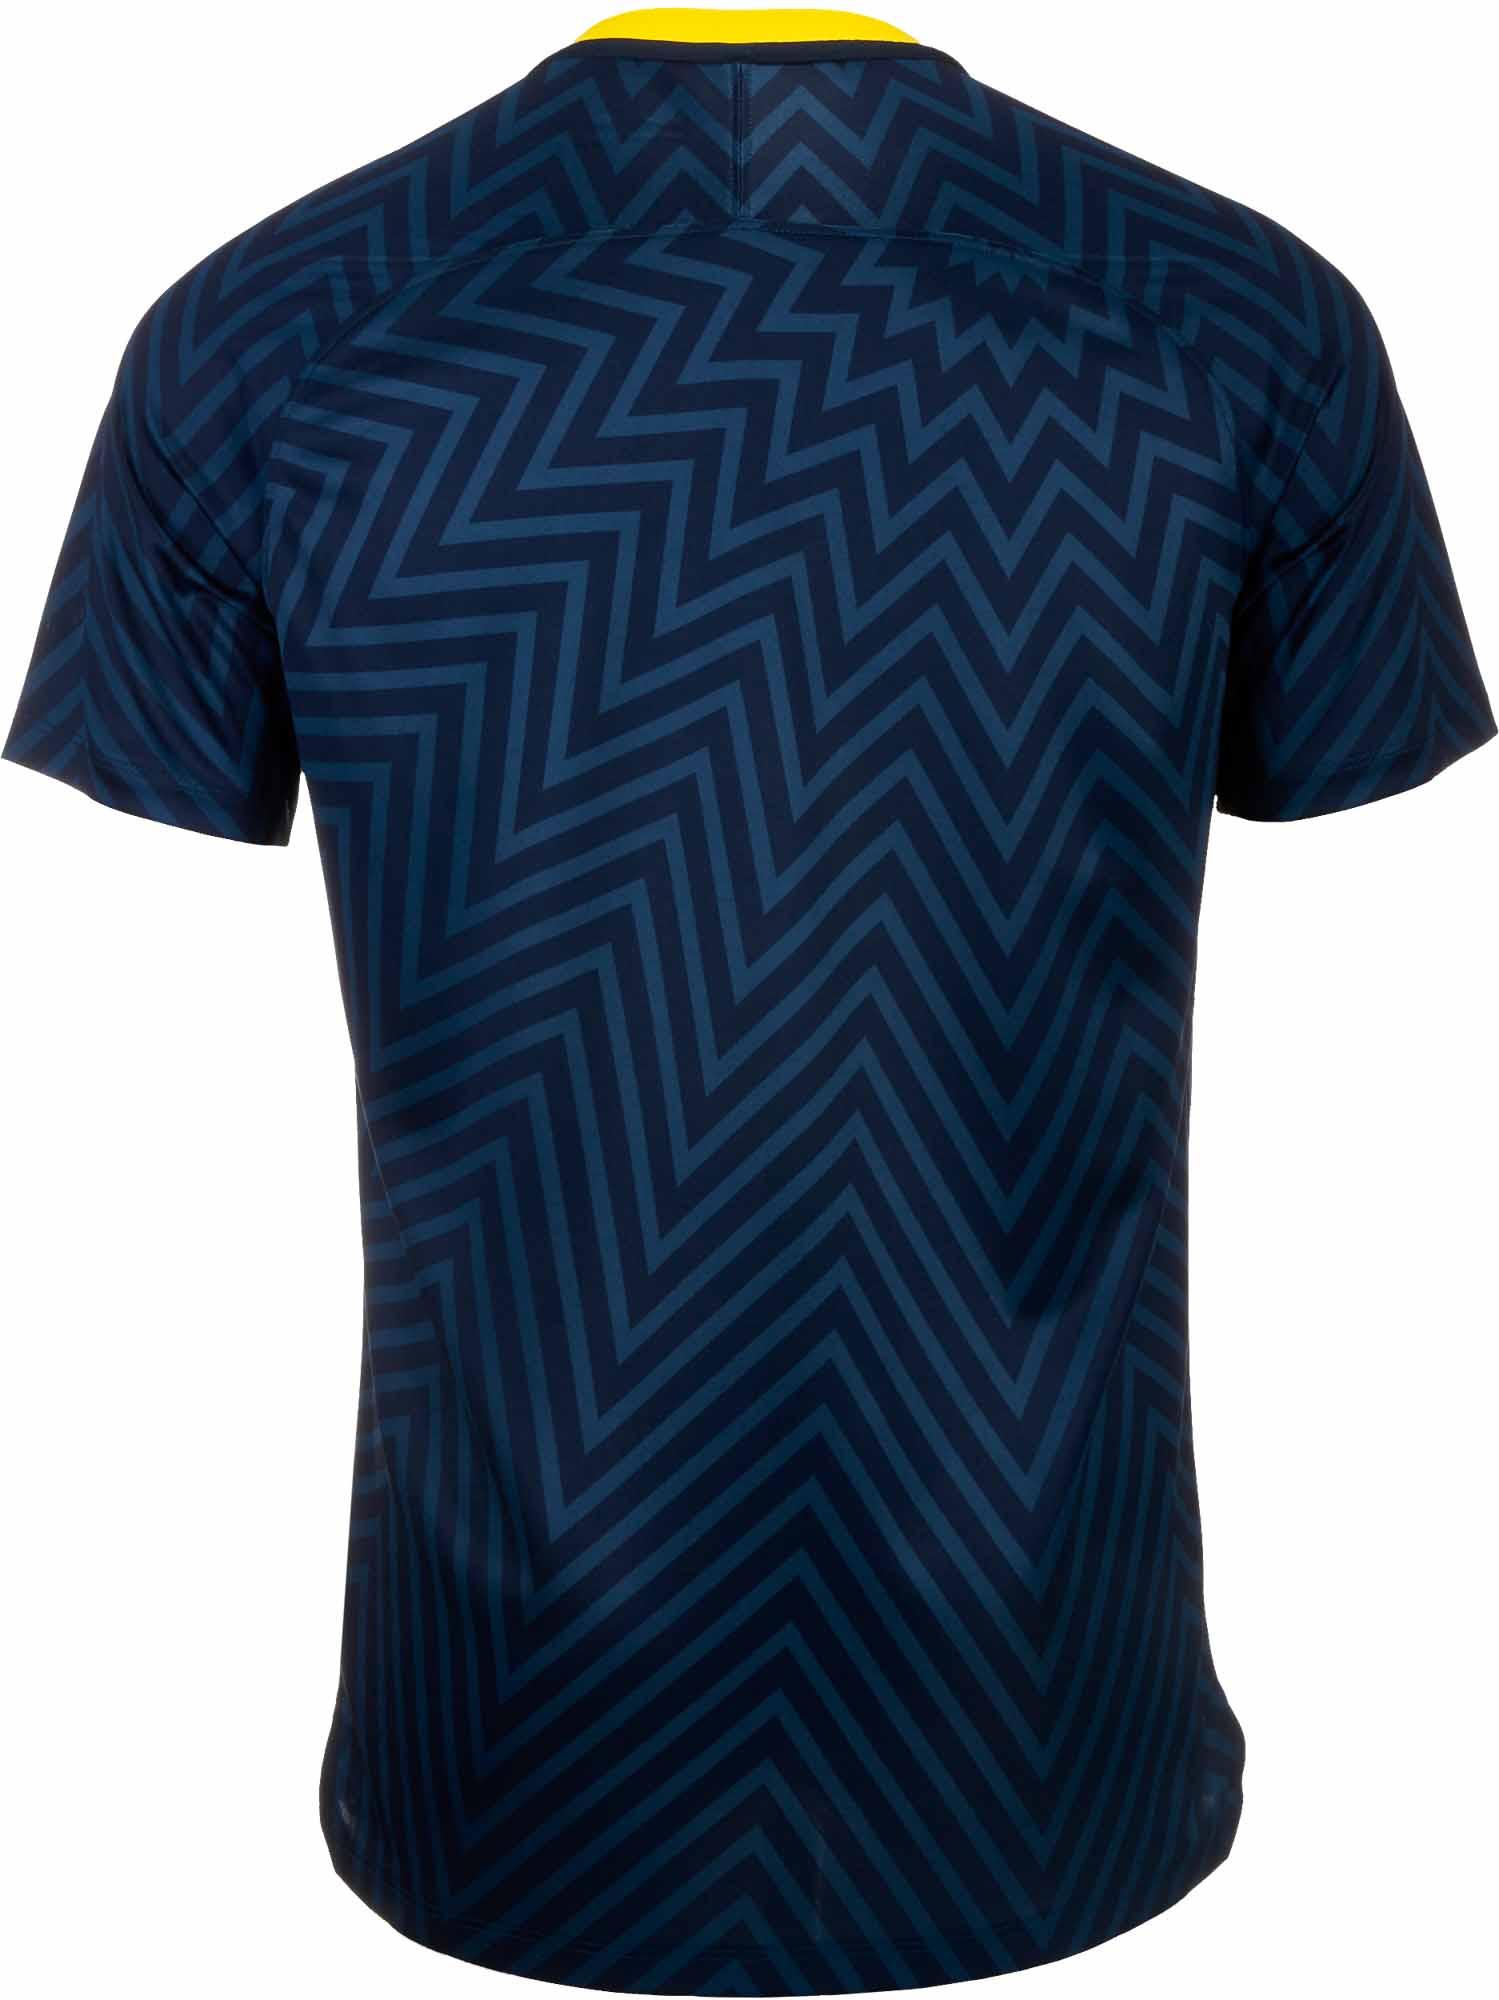 Nike Brazil Pre-Match Jersey - Youth 2018-19 - SoccerPro